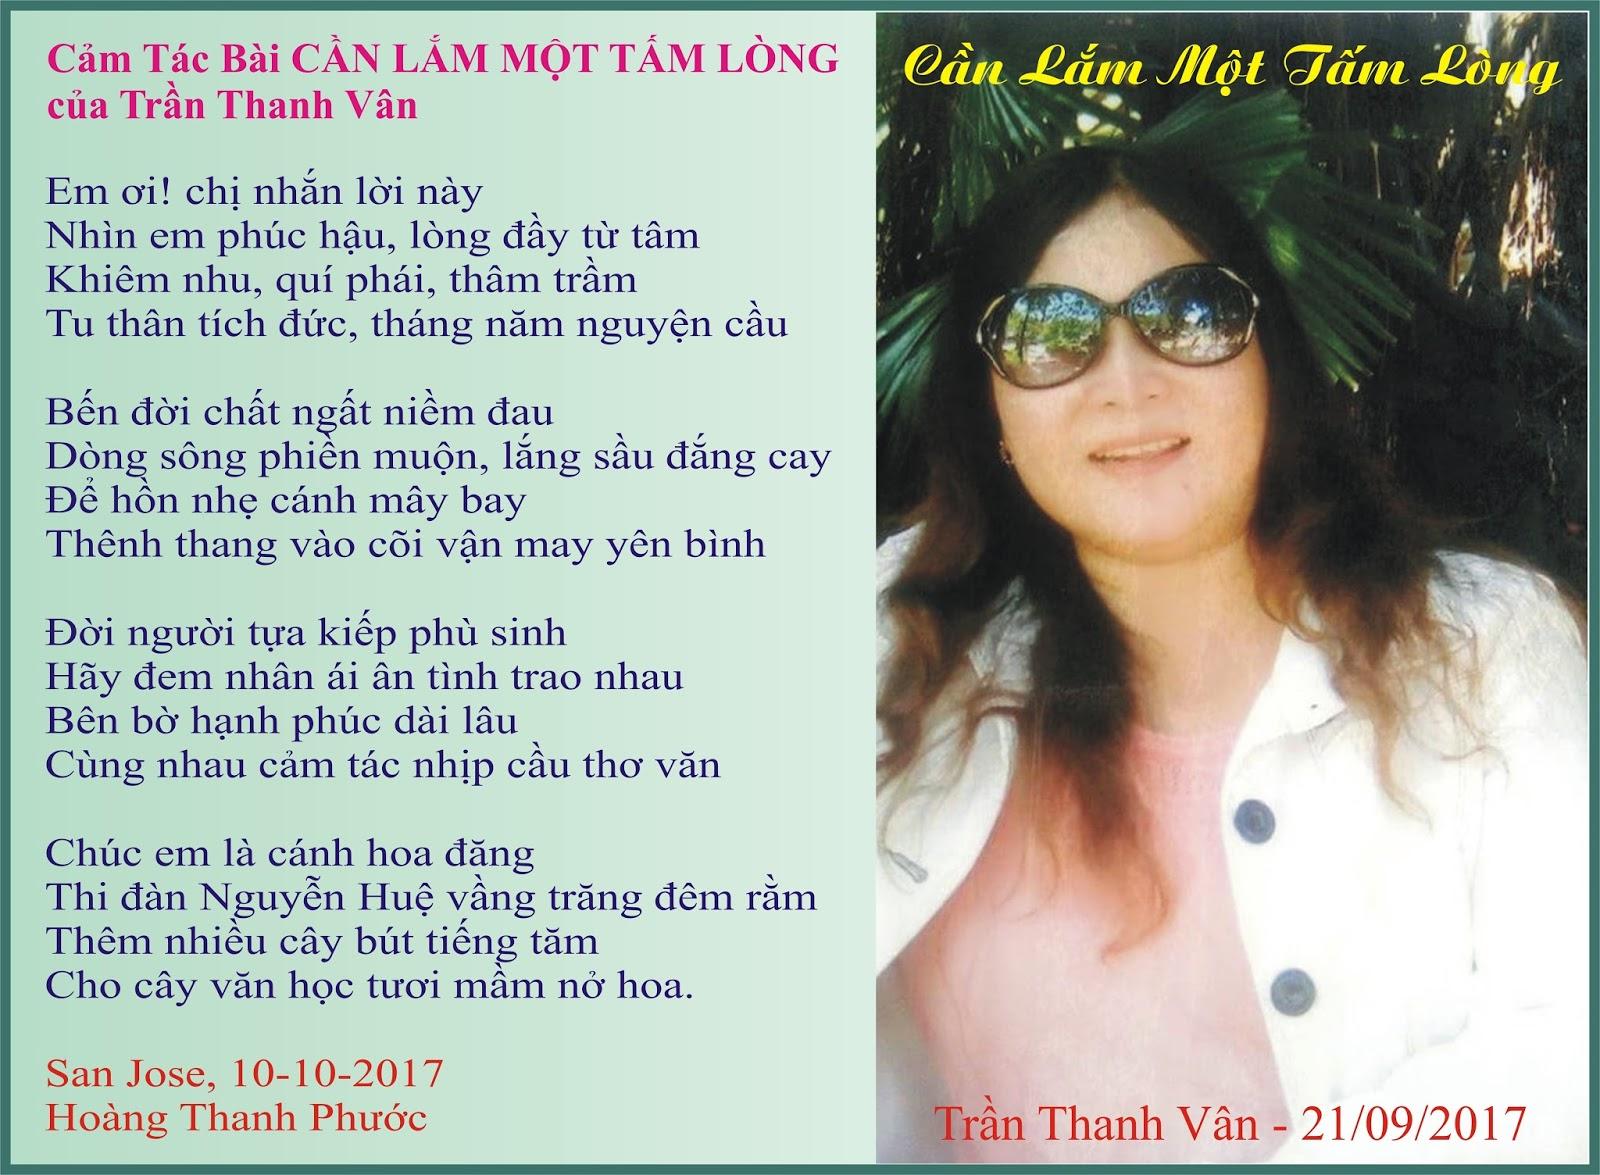 Nguyễn Huệ Hải Ngoại: Cảm Tác Bài Cần Lắm Một Tấm Lòng